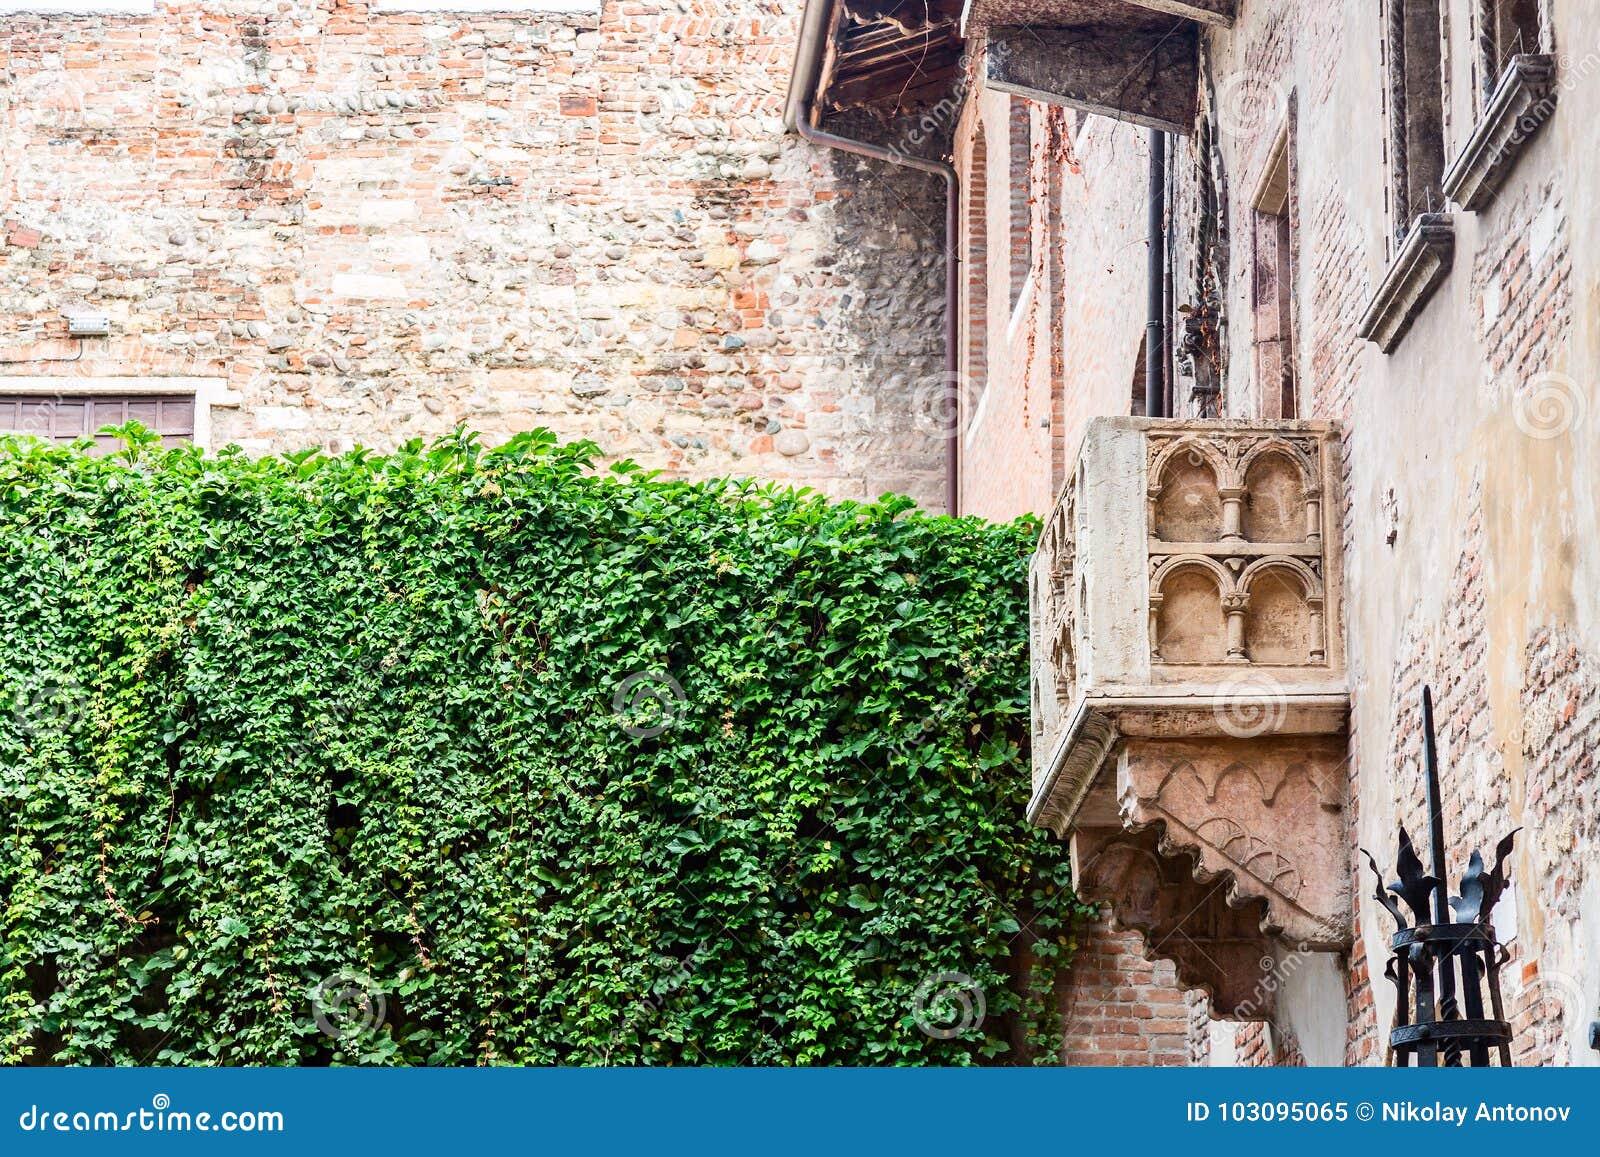 Romeo Und Juliet Balkon In Verona Italy Stockbild Bild Von Liebe